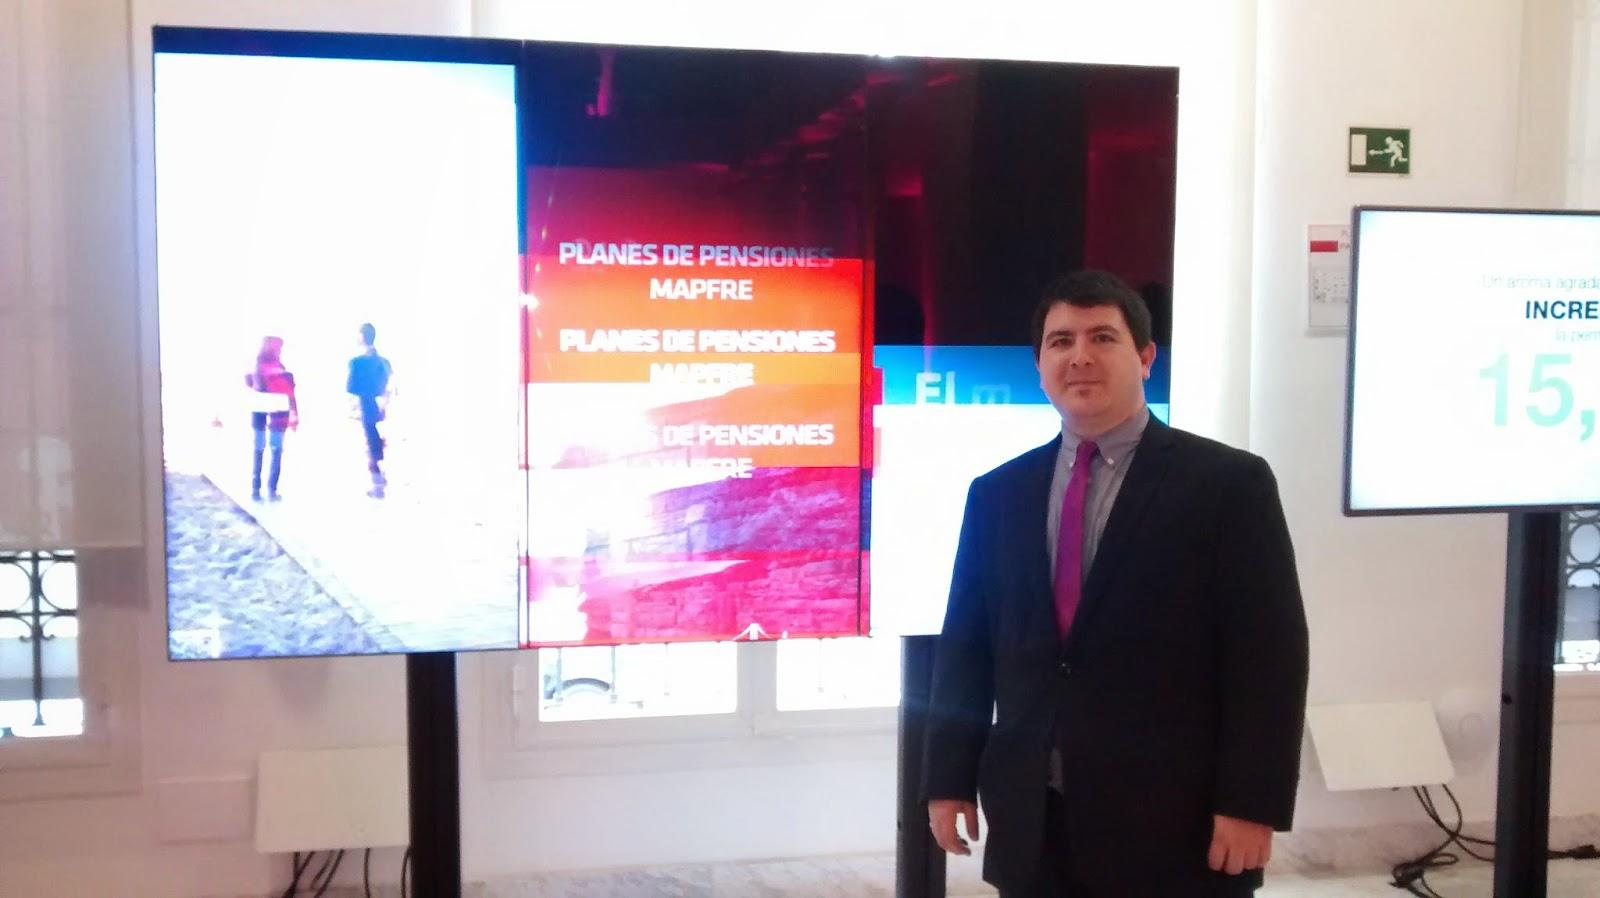 Neo Advertising - José Ignacio Martín, IT Project Manager